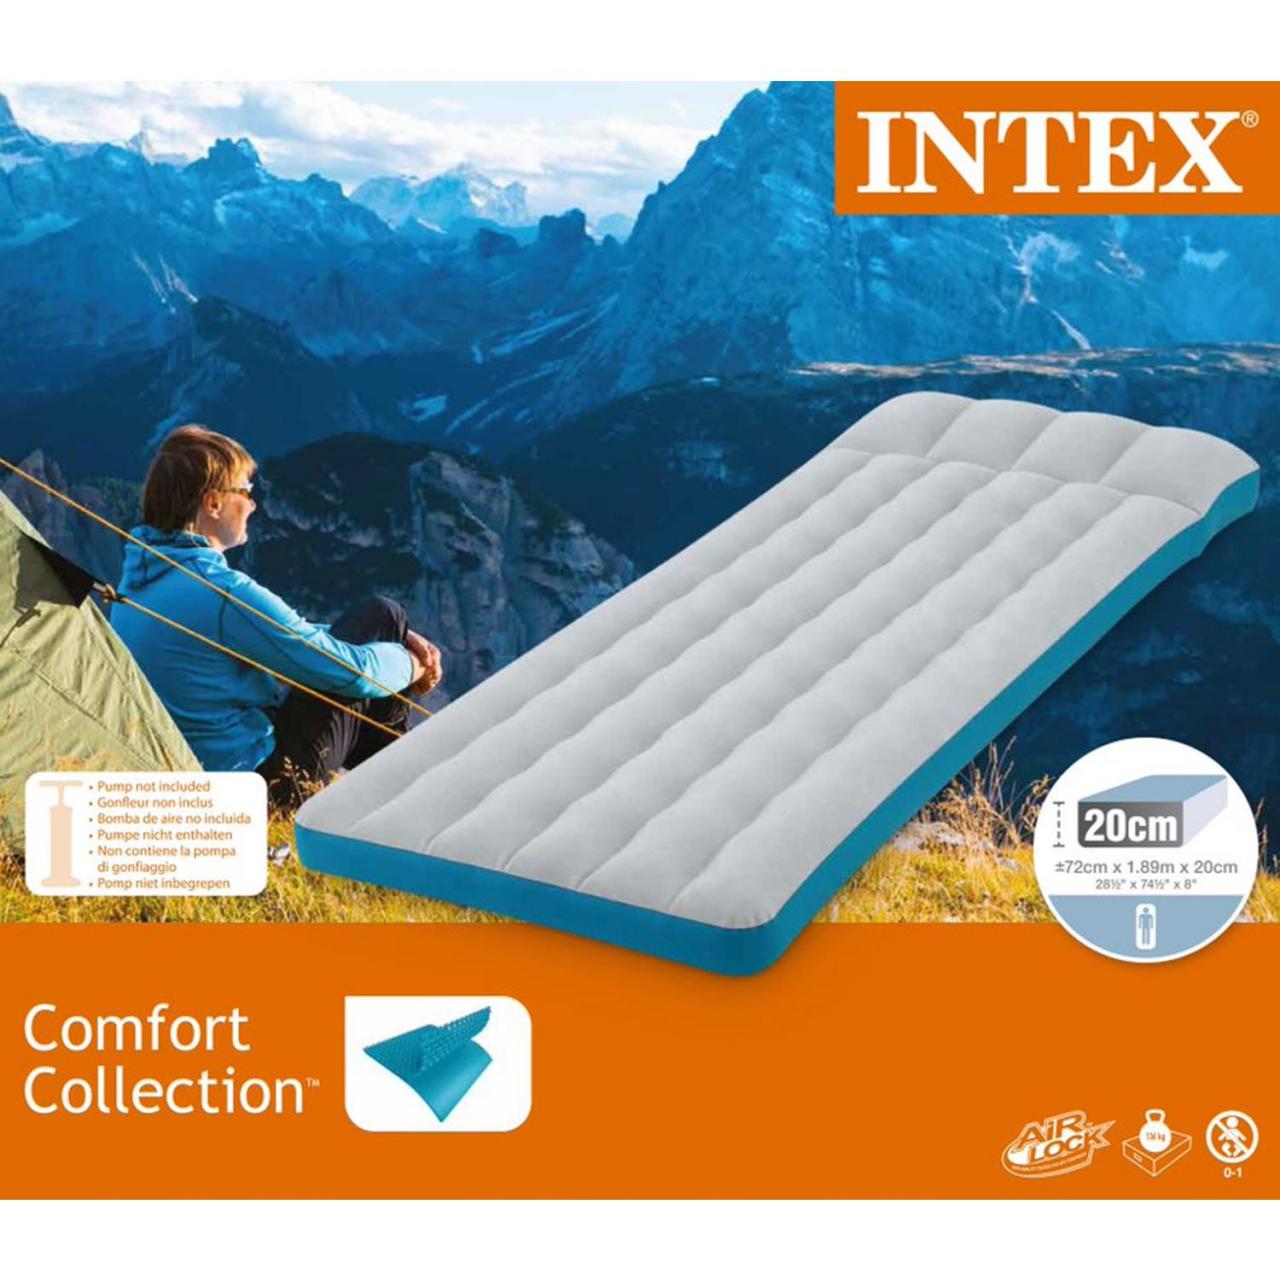 Intex Luftmatratze Einzelbett Camping Luftbett aufblasbar 189x72x20cm 67998